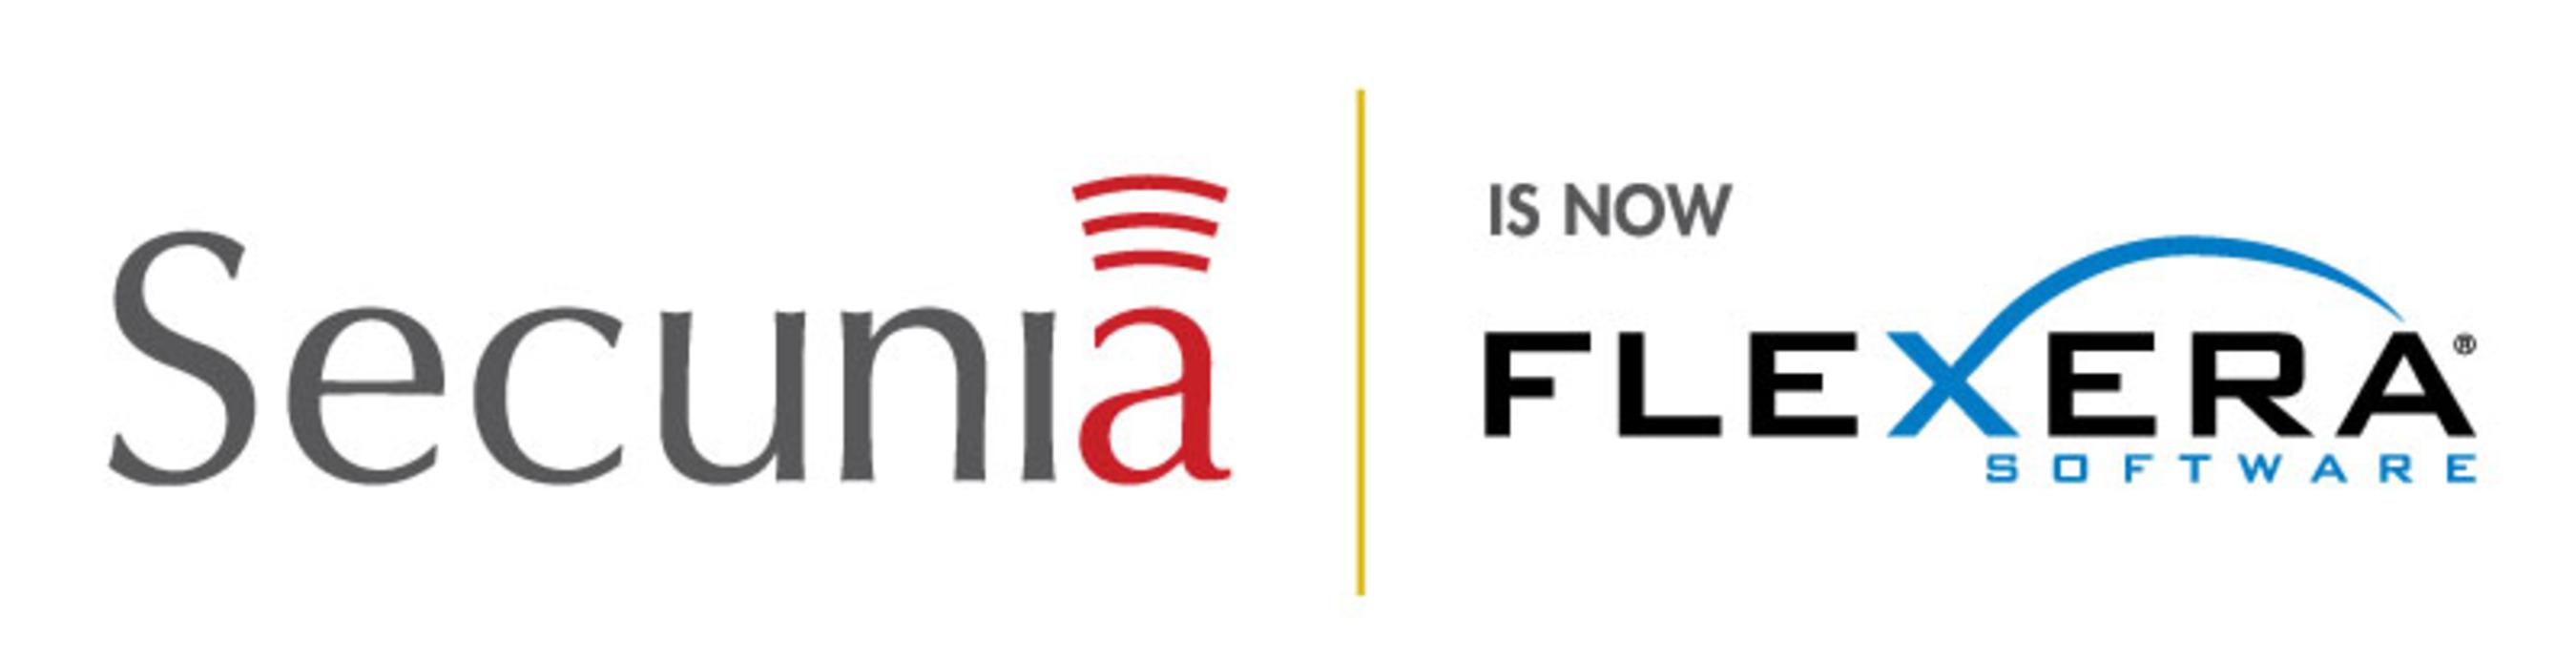 Secunia Corporate Logo.